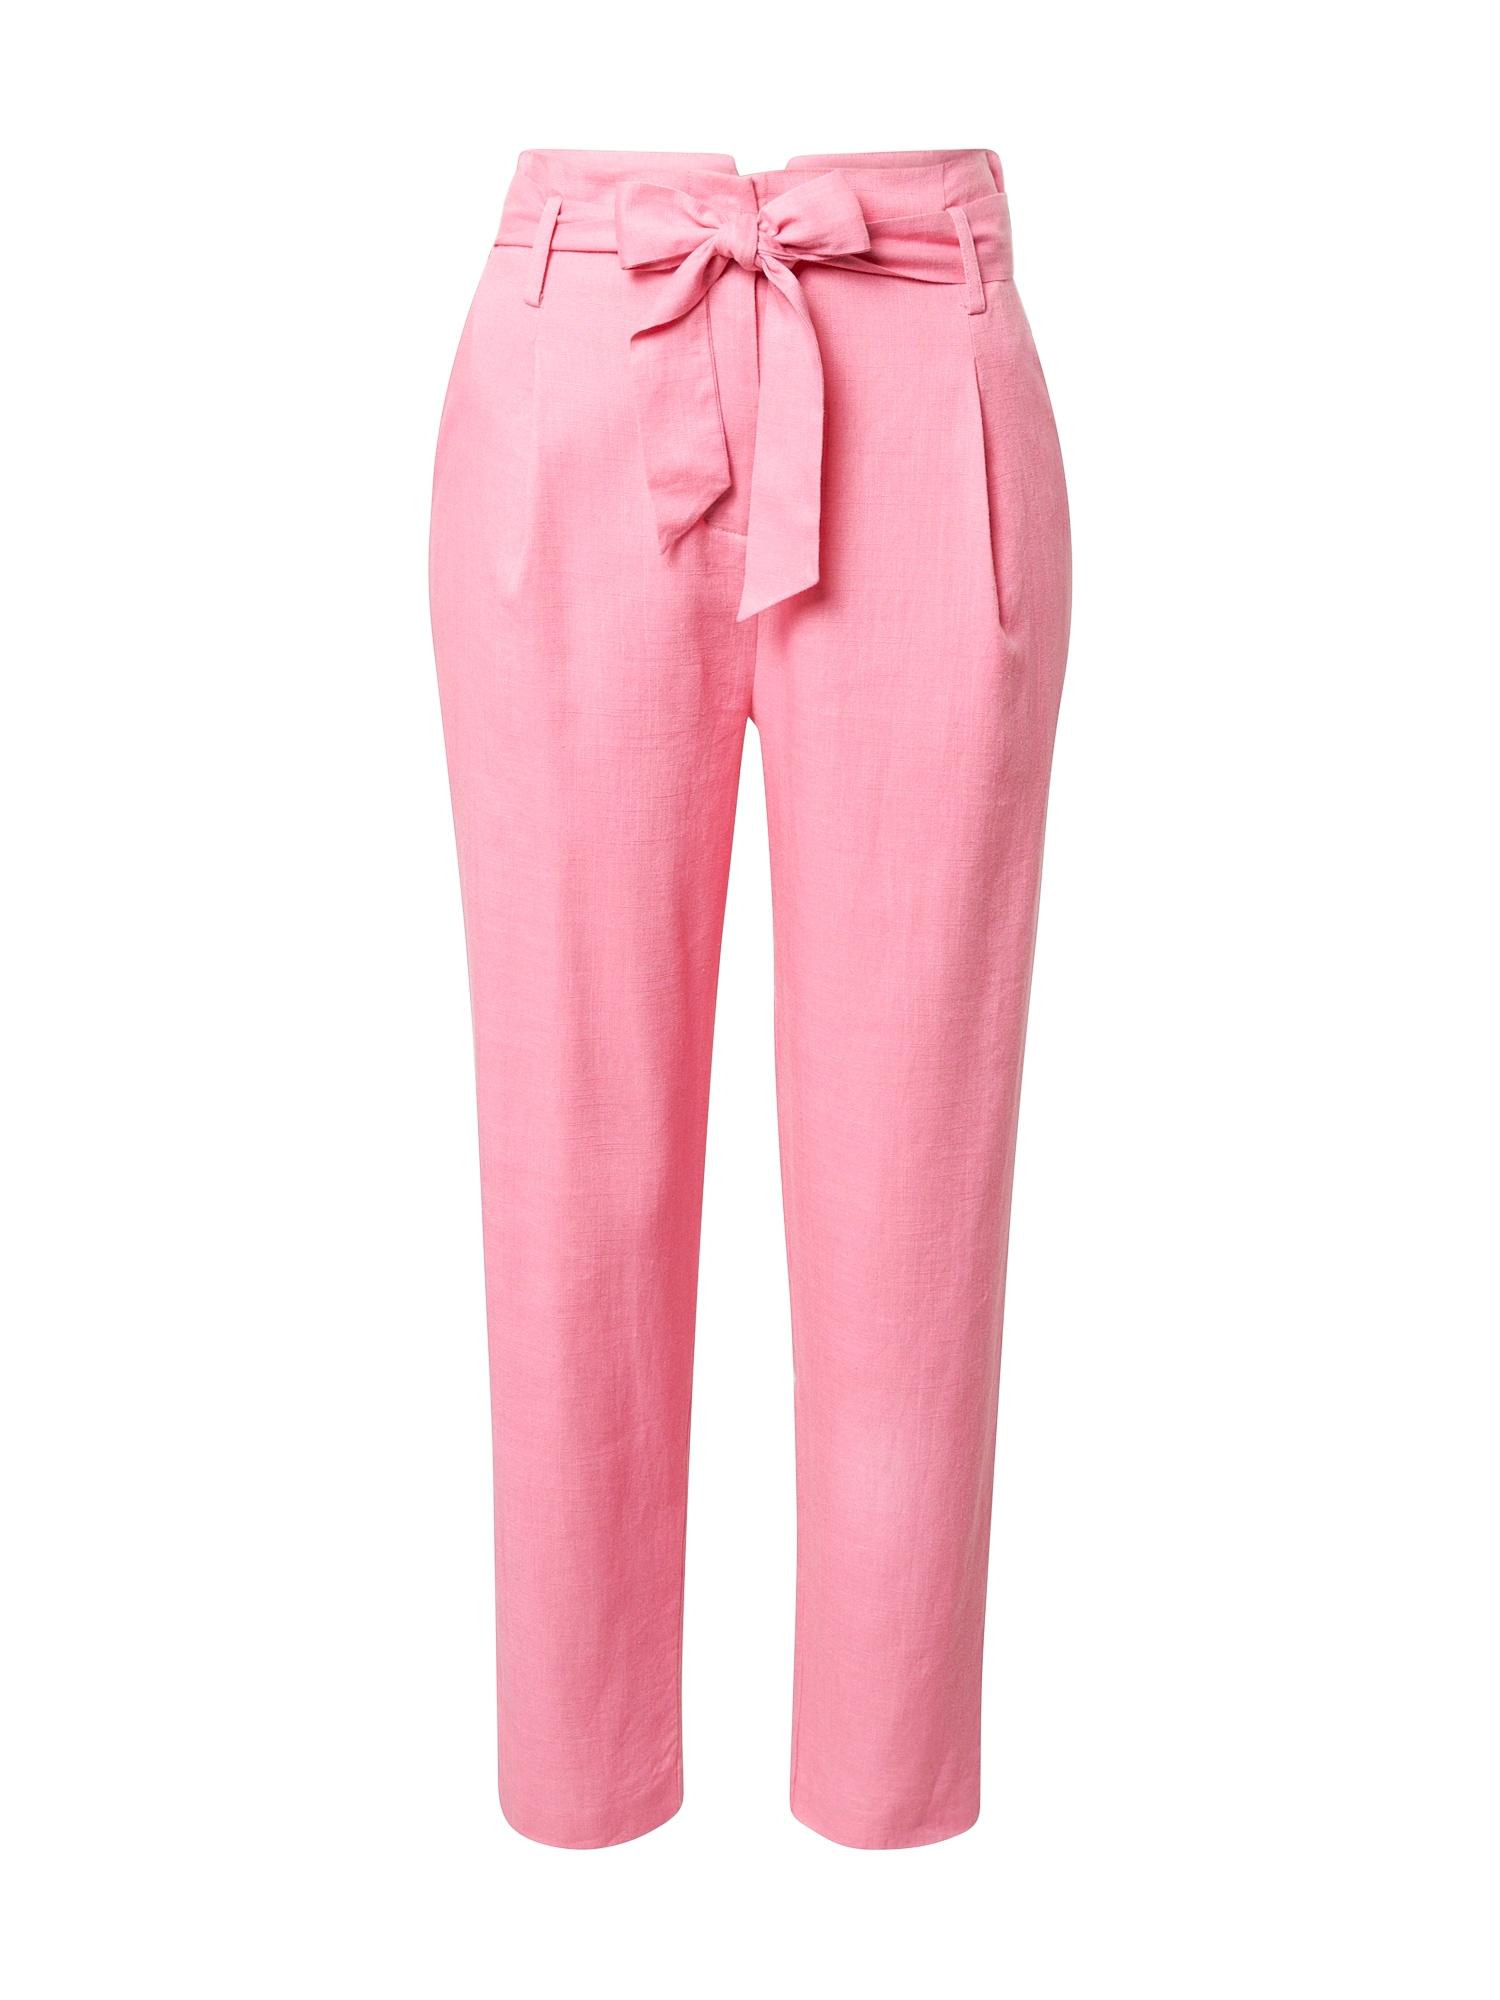 FRNCH PARIS Klostuotos kelnės rožinė